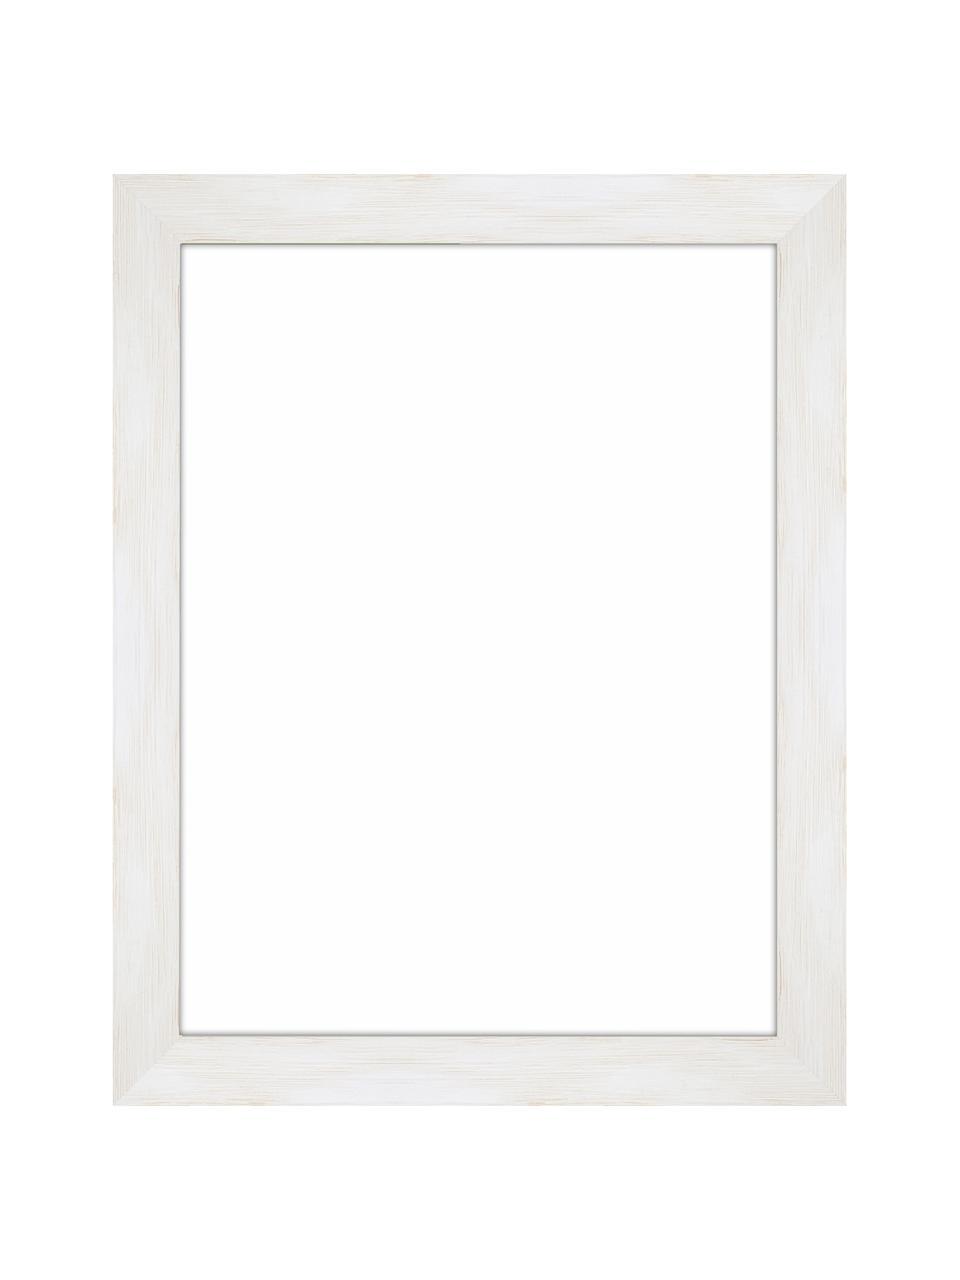 Bilderrahmen Magic, Rahmen: Monterey-Kiefernholz, lac, Front: Glas, Rückseite: Mitteldichte Holzfaserpla, Weiß, 18 x 24 cm